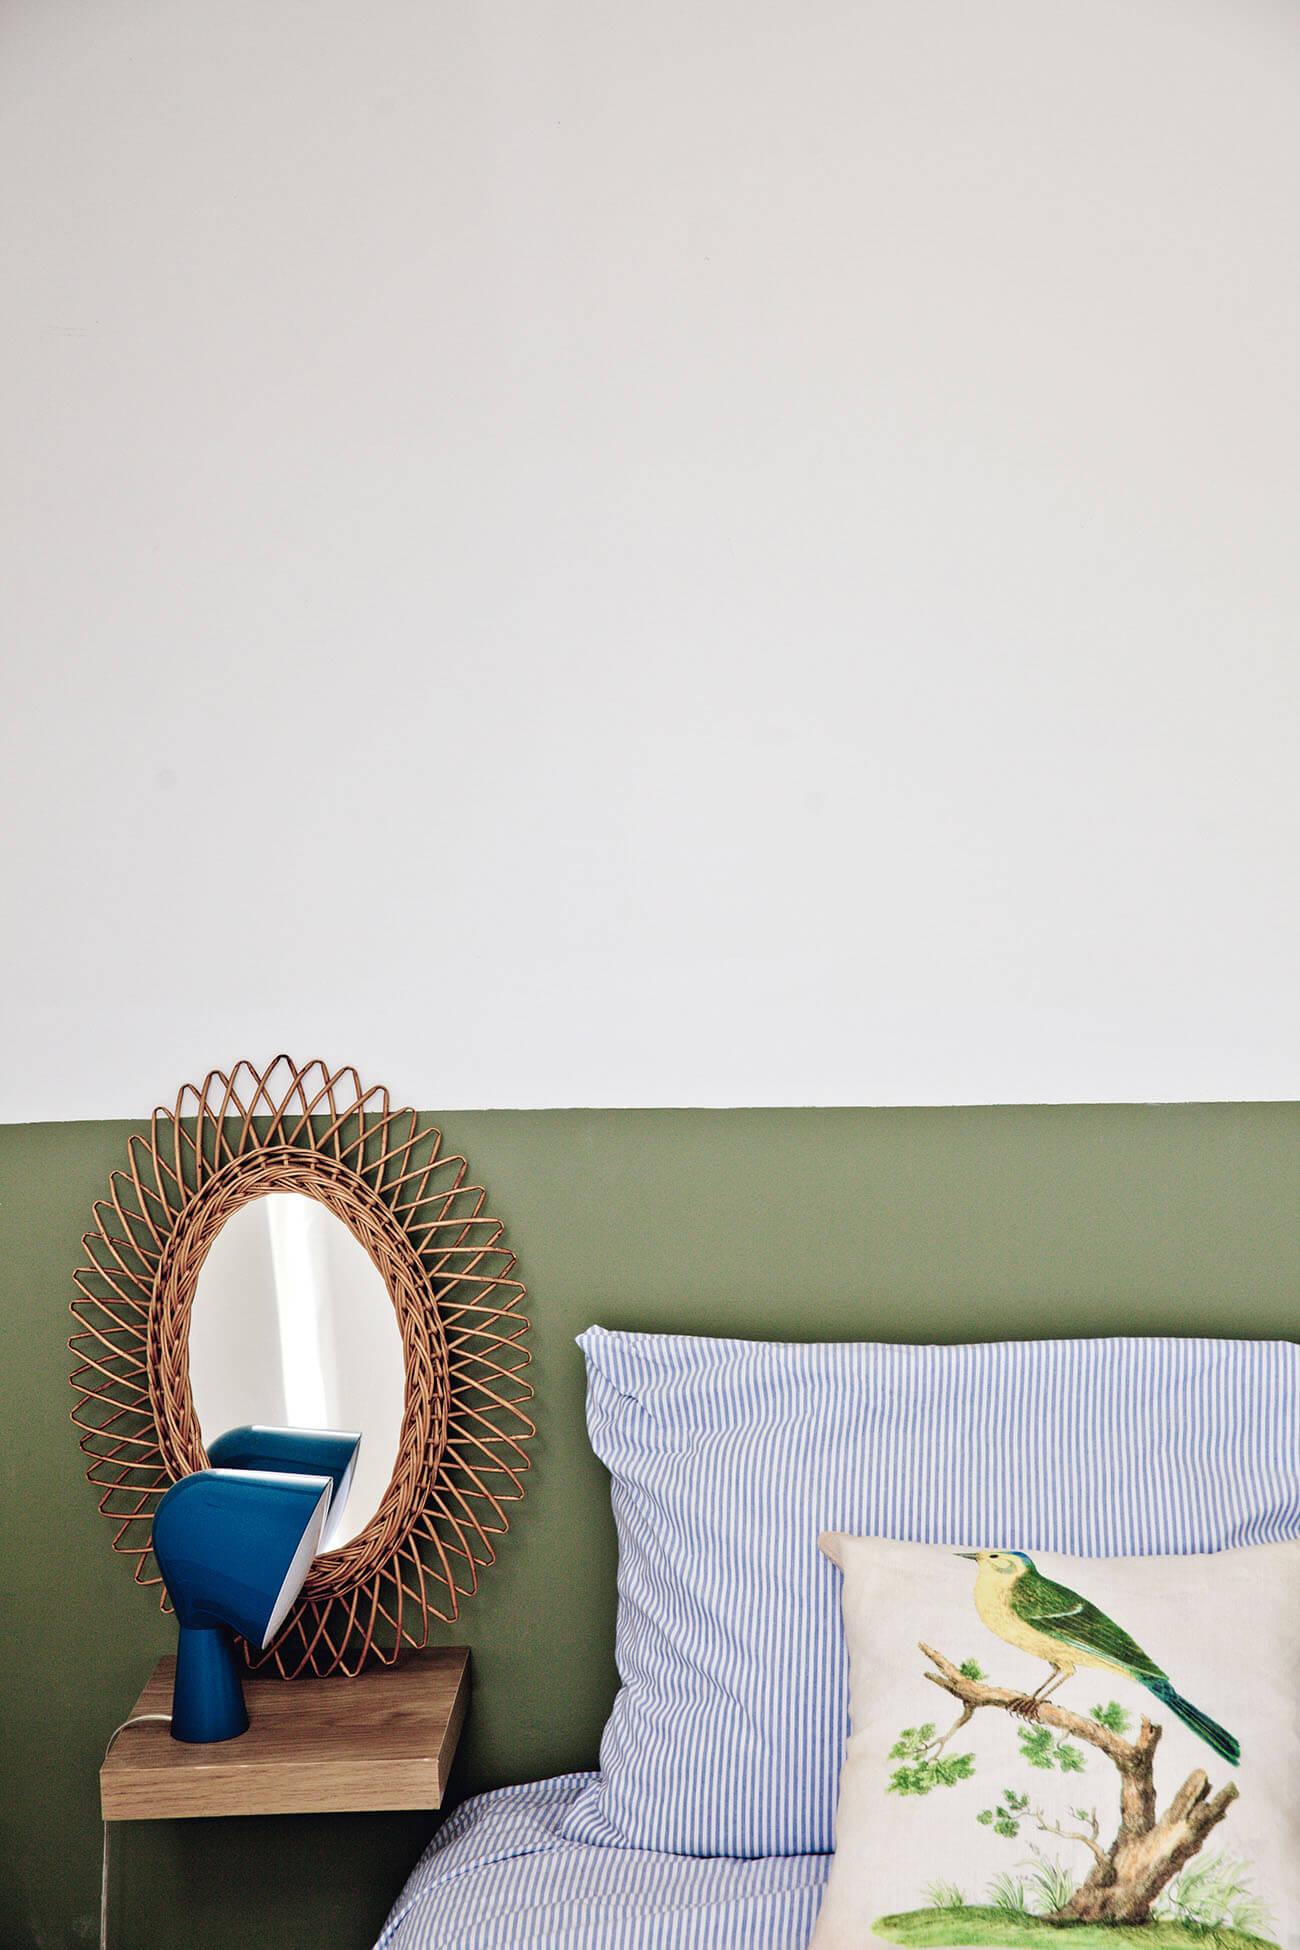 Peinture mur bi-color et mobilier en rotin vintage